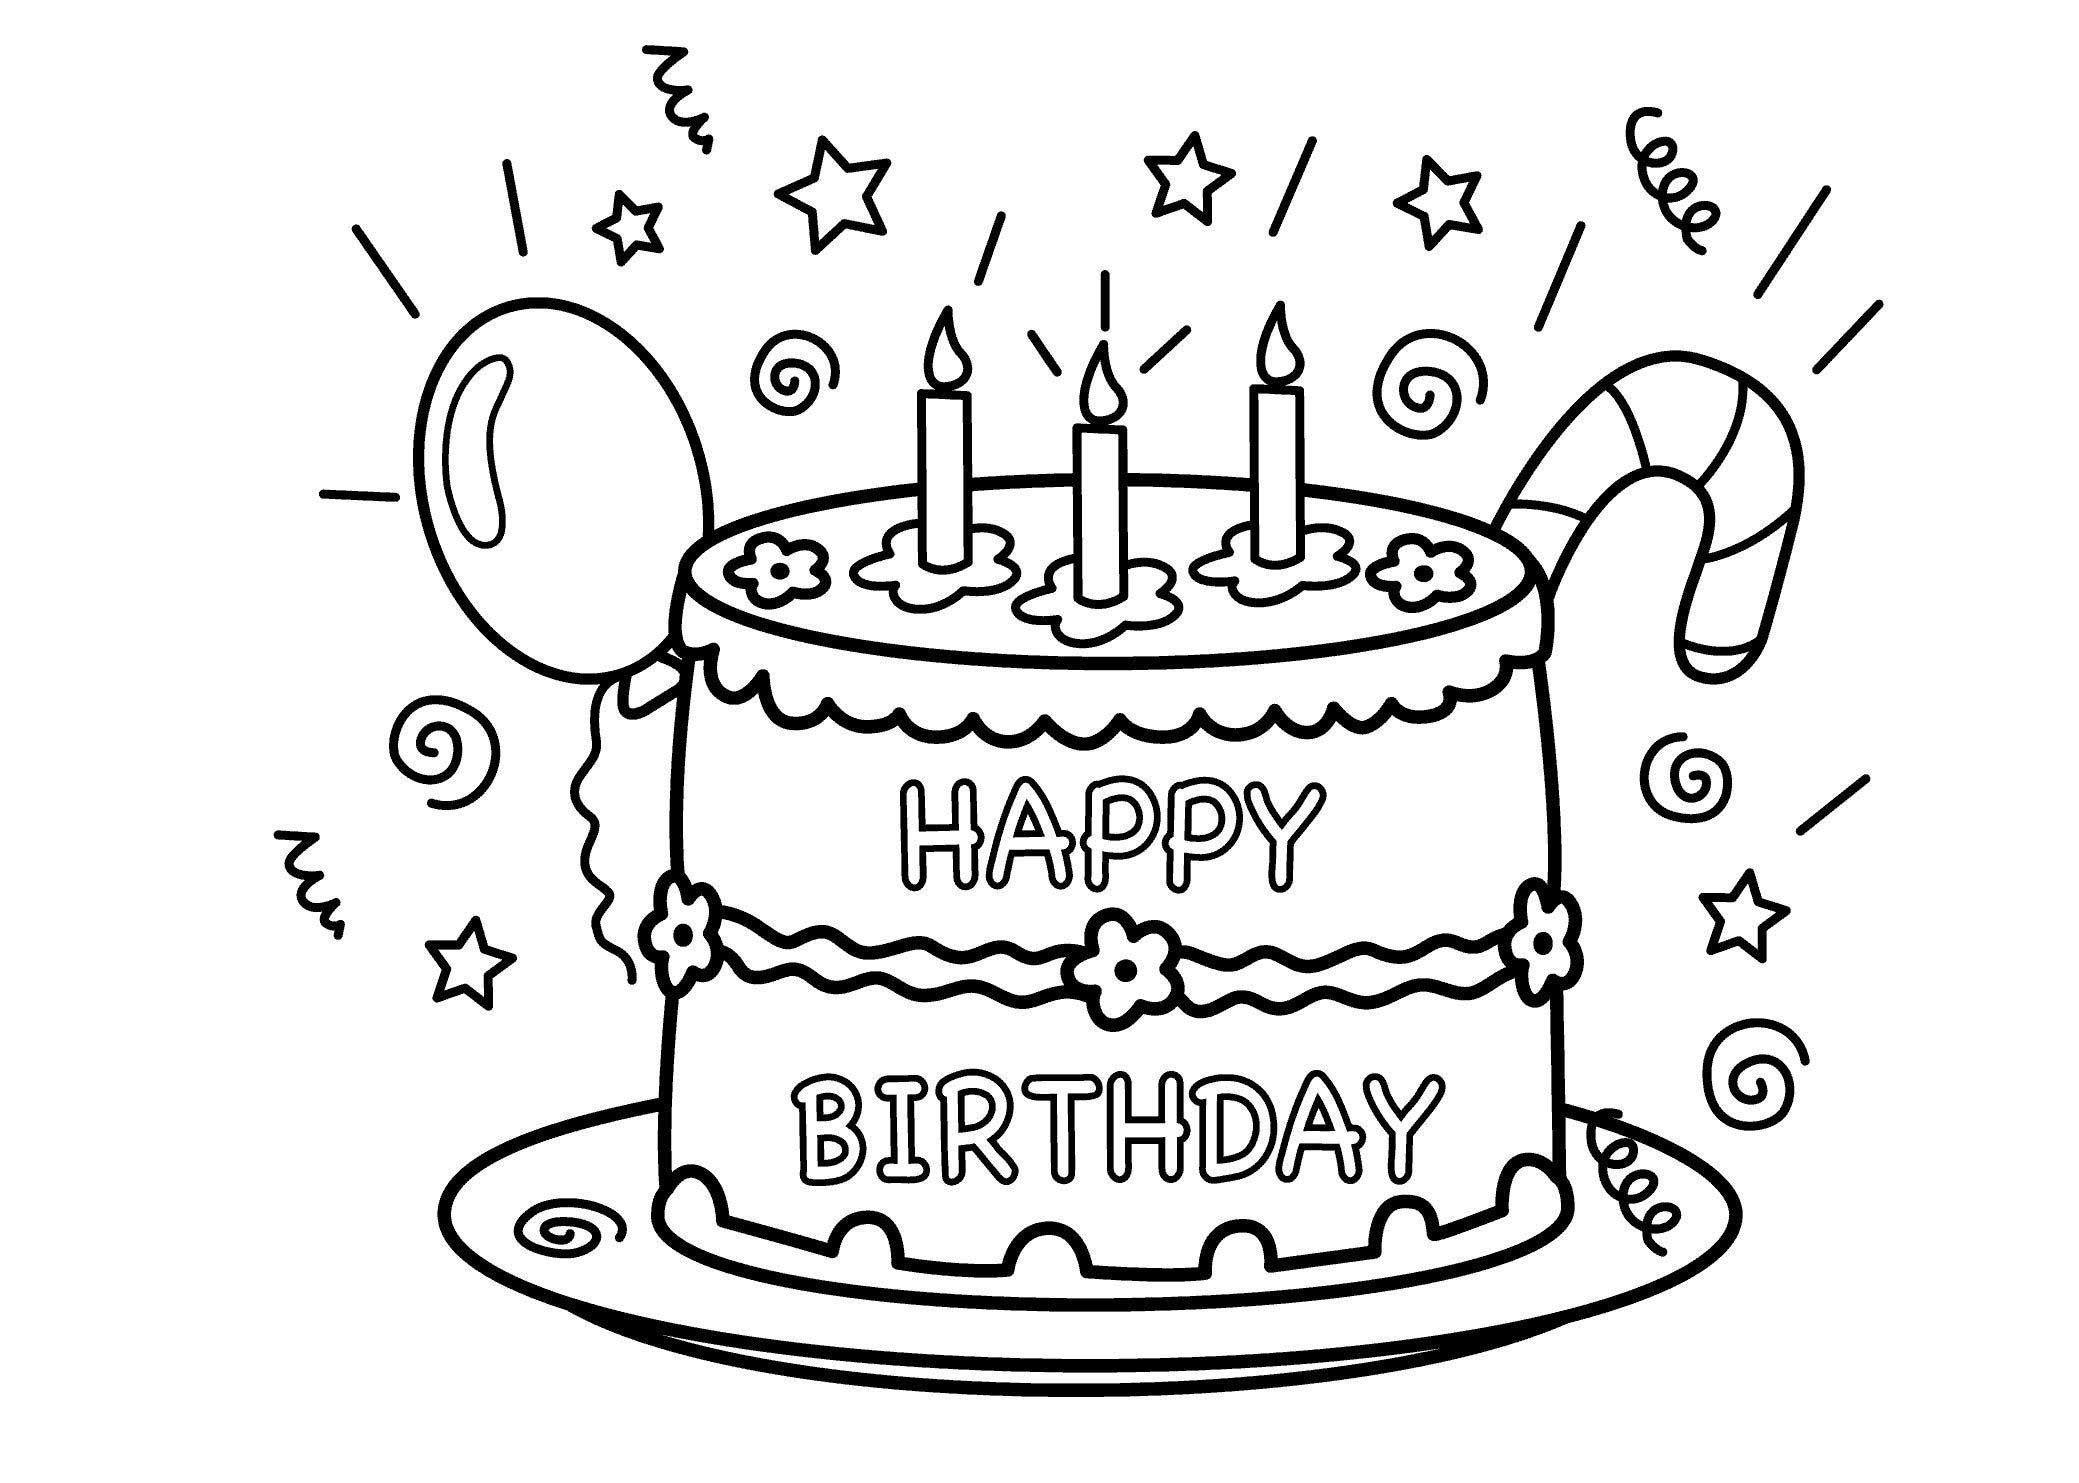 Gefeliciteerd Met Je Verjaardag Man 650 463 25 Het Beste Oma Verjaardag Kleurplaat Arbpmembers Fijne Verjaardag Papa Verjaardagsballonnen Kleurplaten